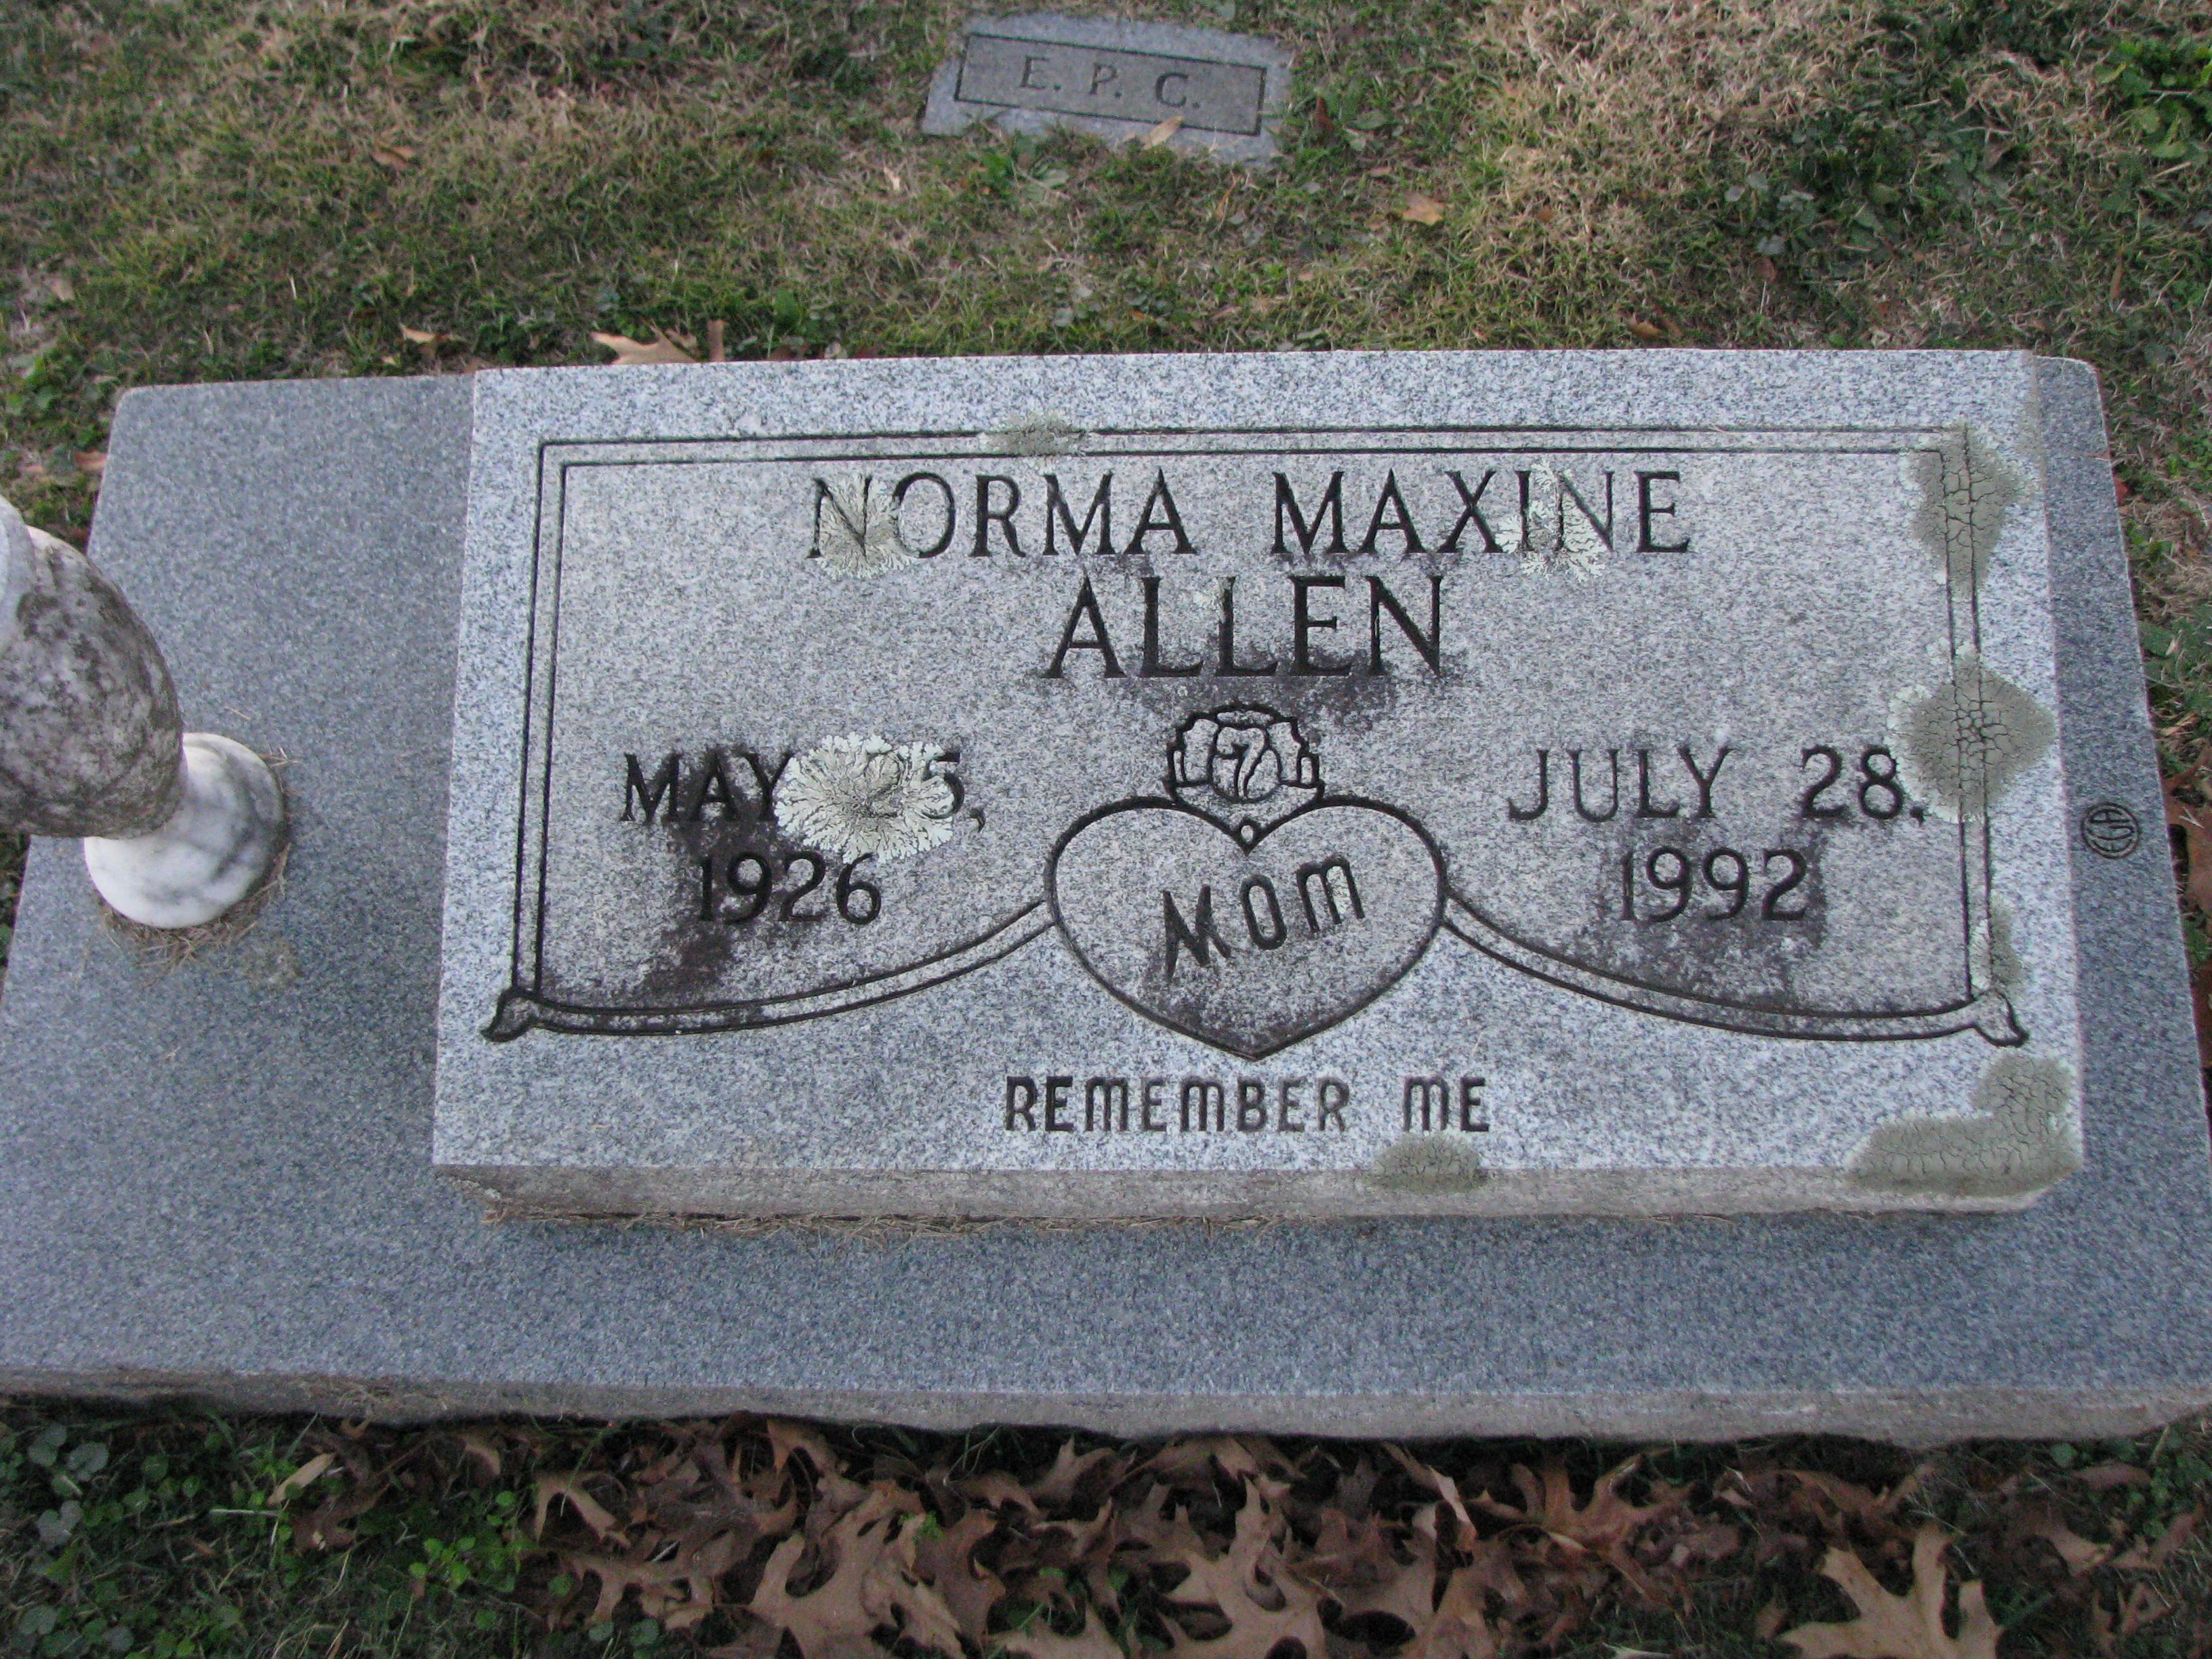 Norma Maxine Allen